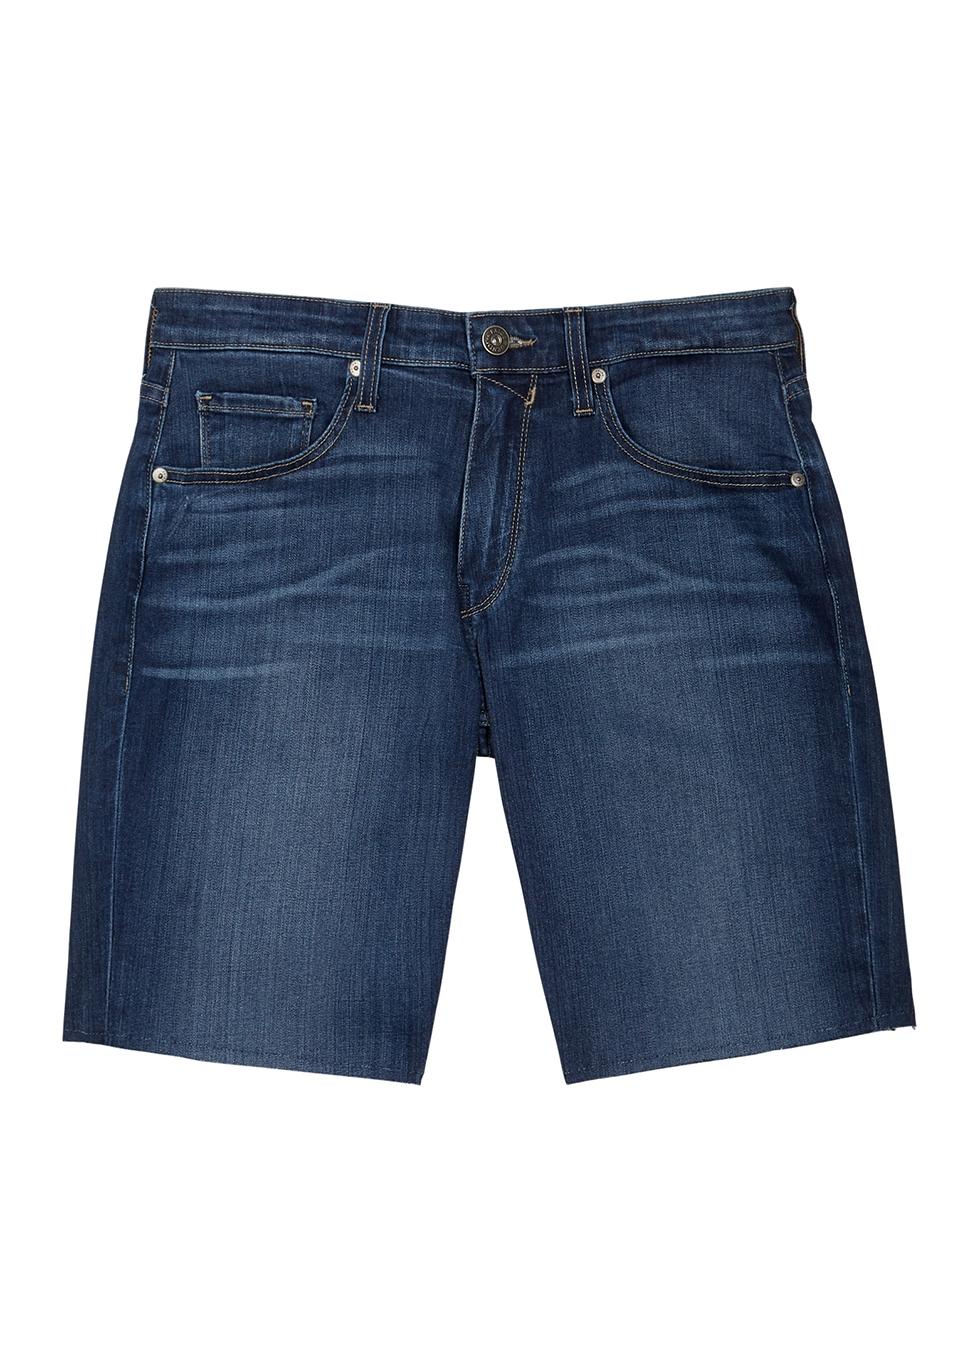 Federal blue denim shorts